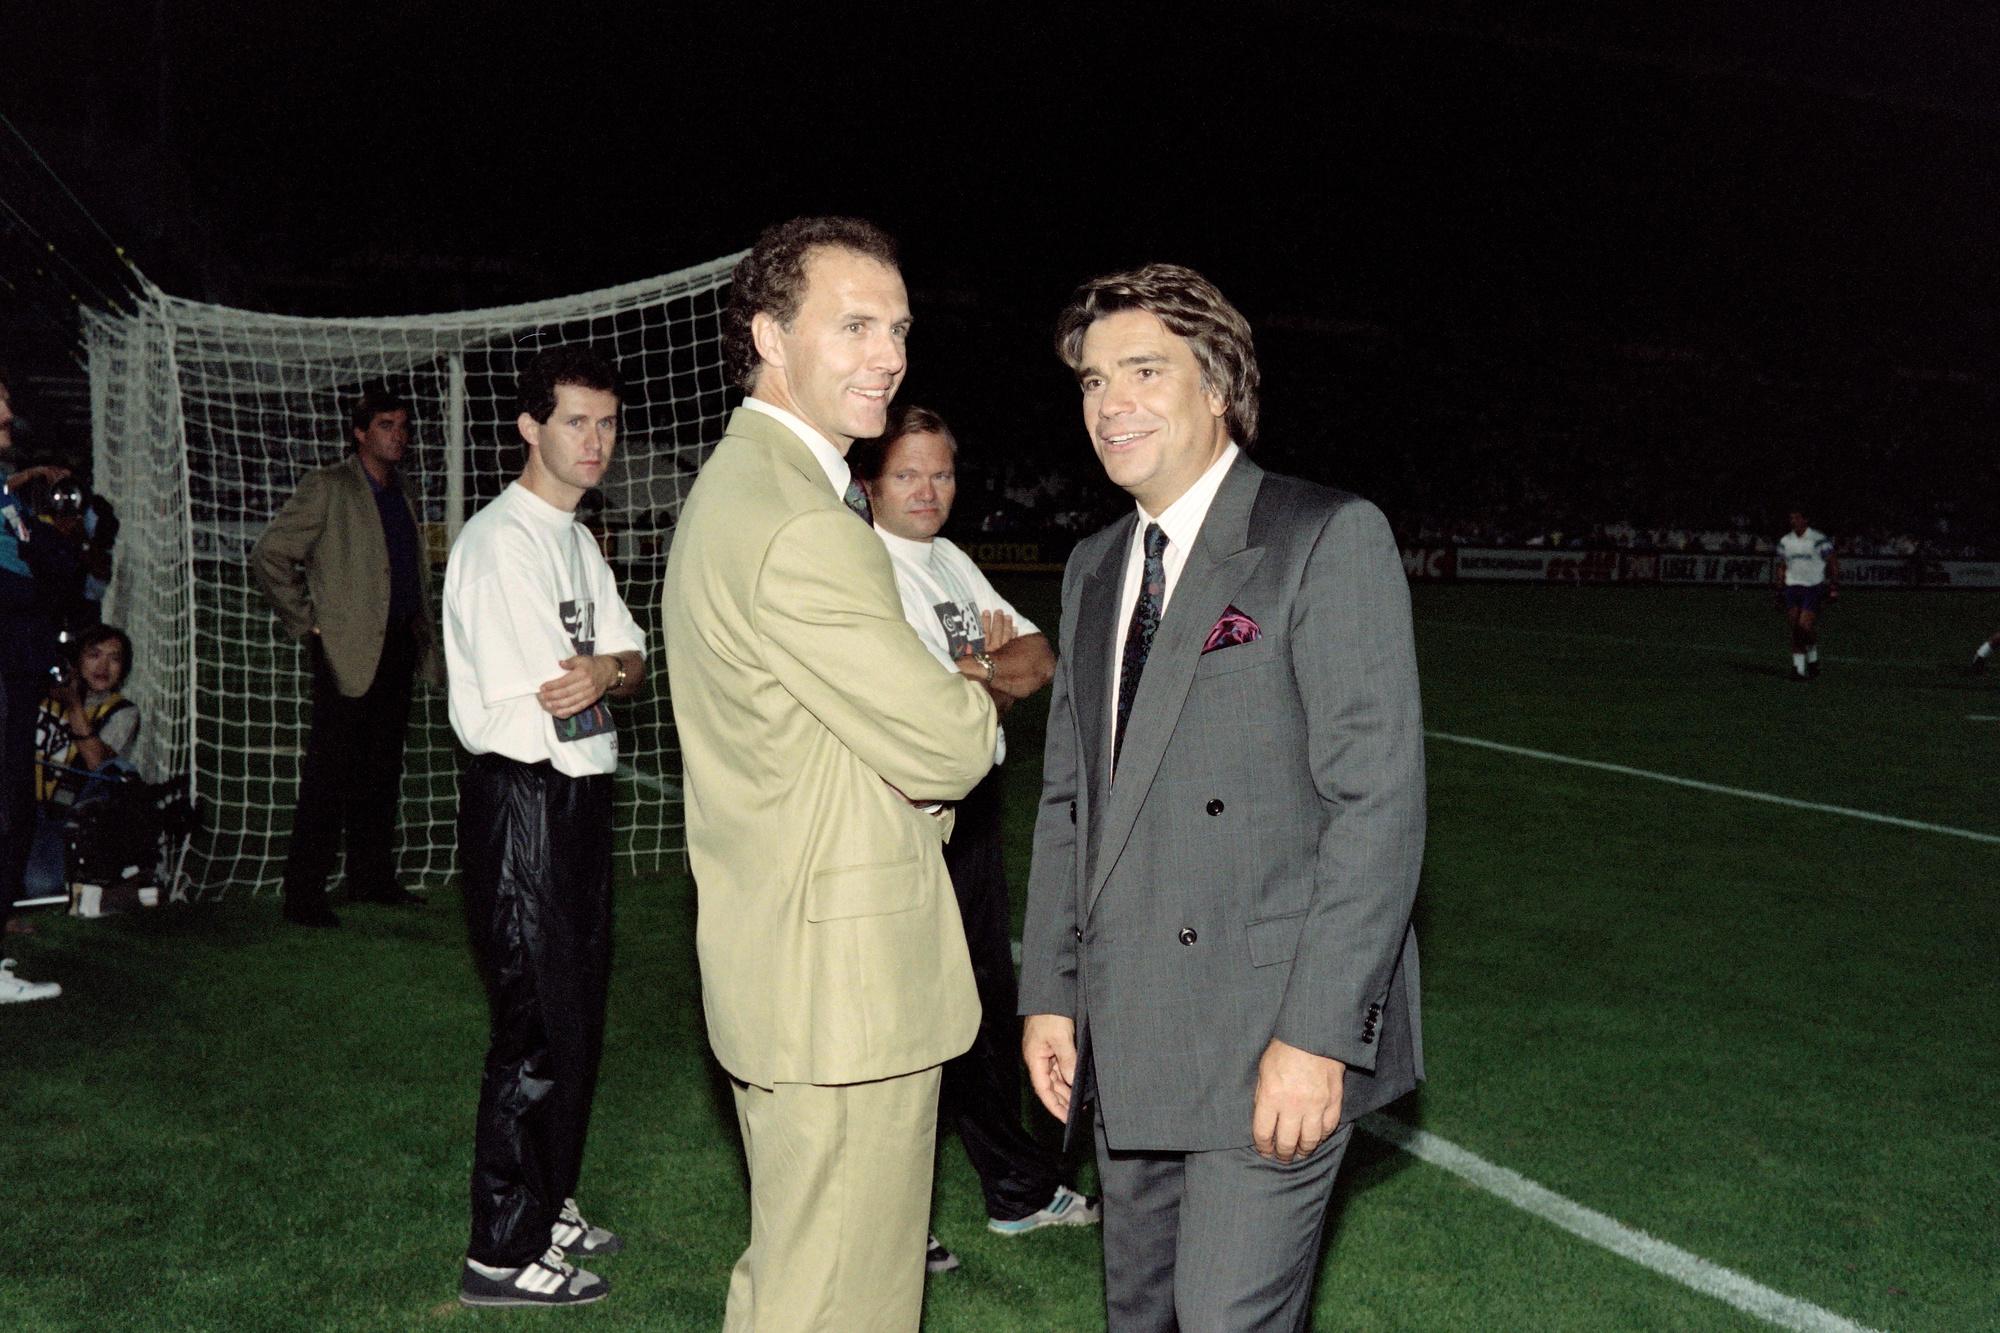 Franz Beckenbauer avec Bernard Tapie lors de sa période à l'OM., BELGA/AFP